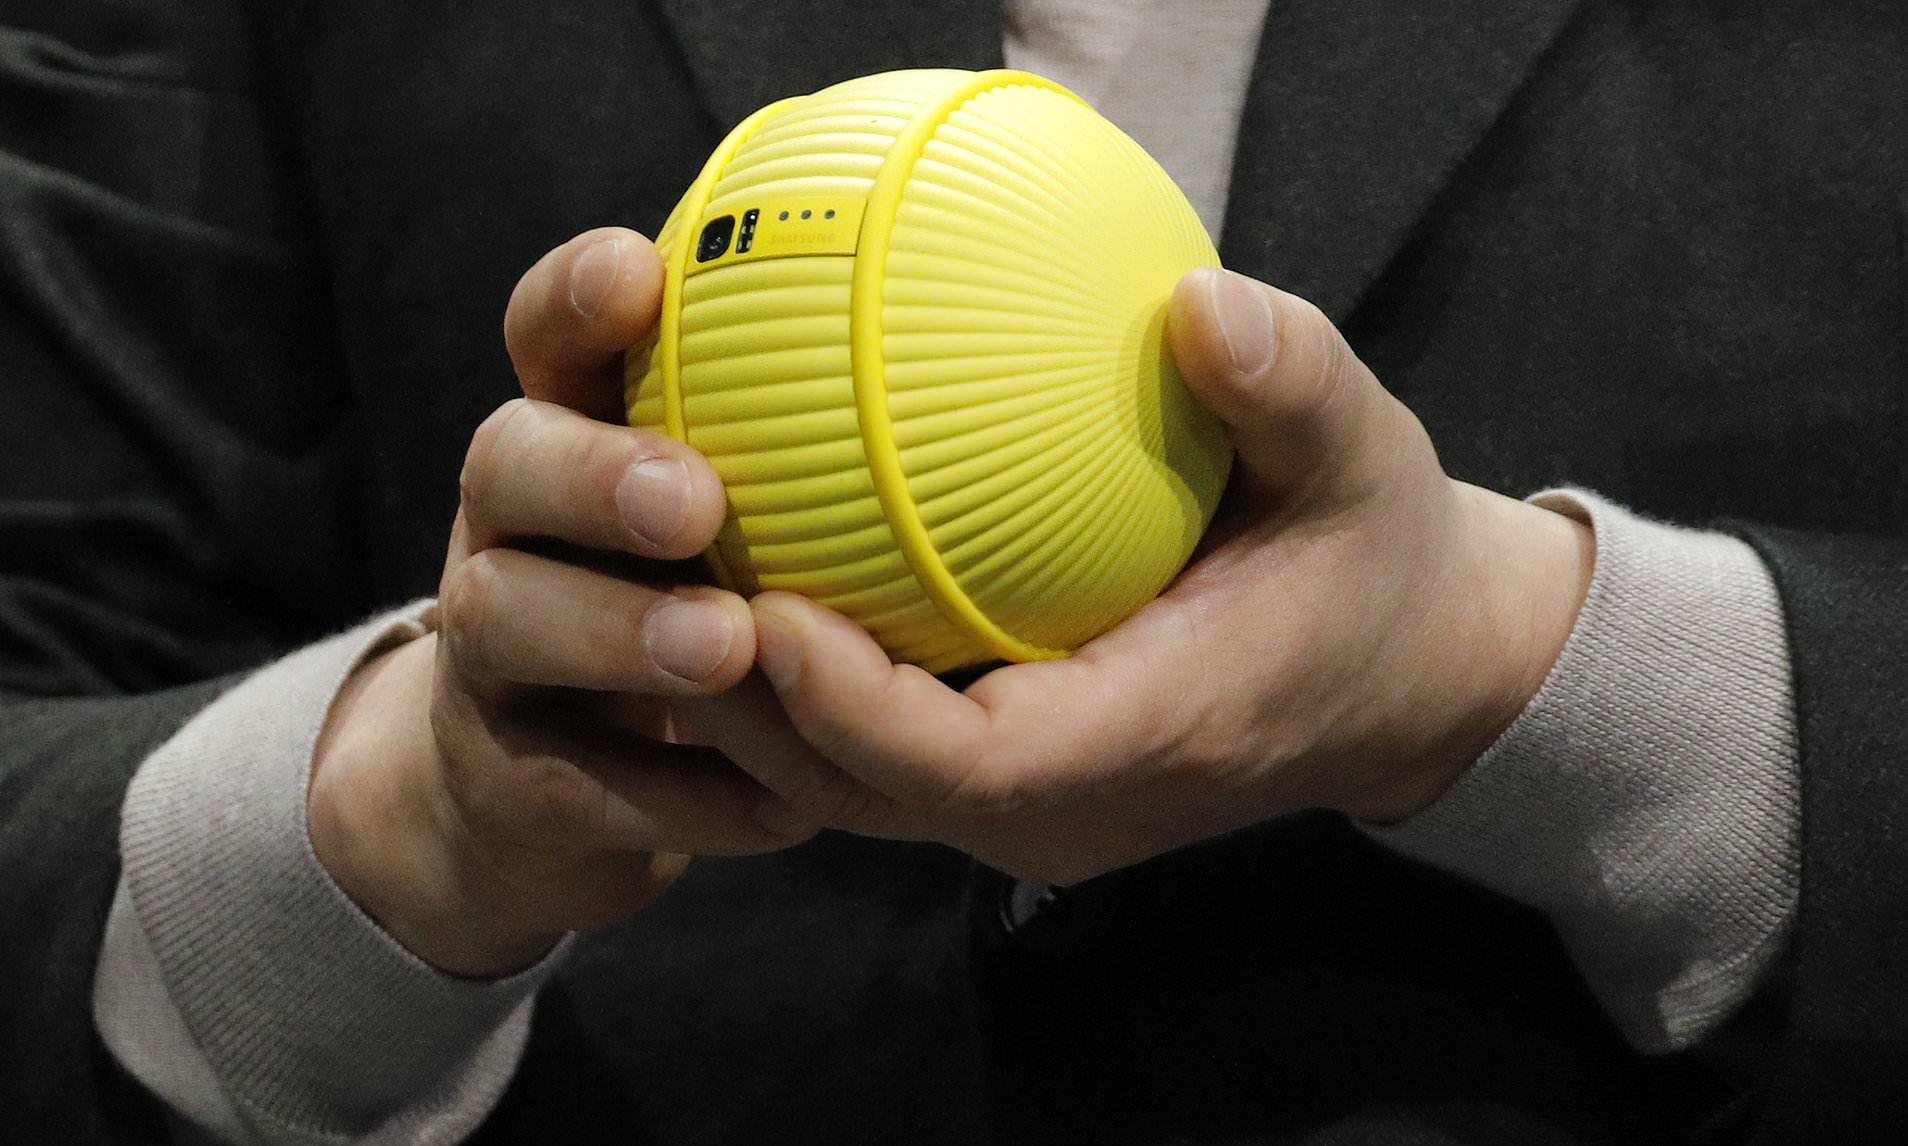 Samsung präsentiert Ballie, einen kugelförmigen Assistentenroboter